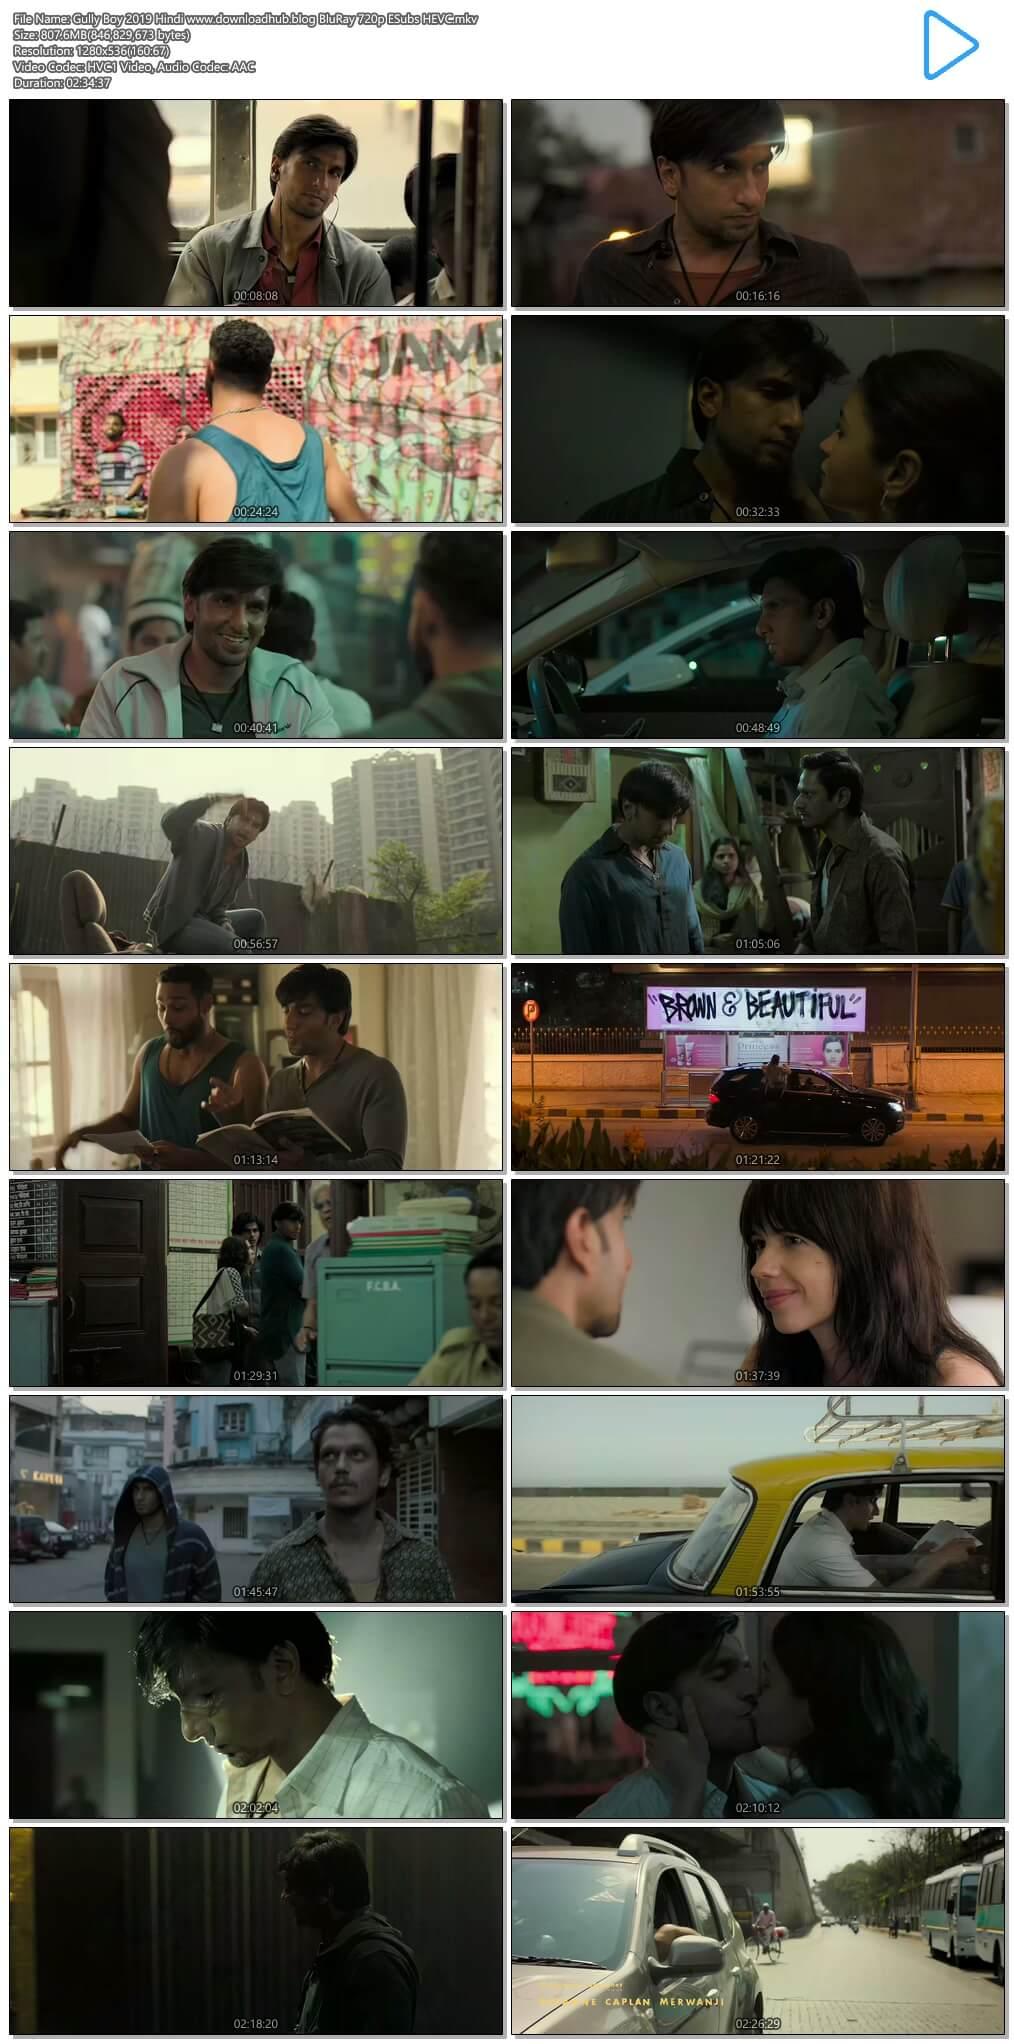 Gully Boy 2019 Hindi 800MB BluRay 720p ESubs HEVC